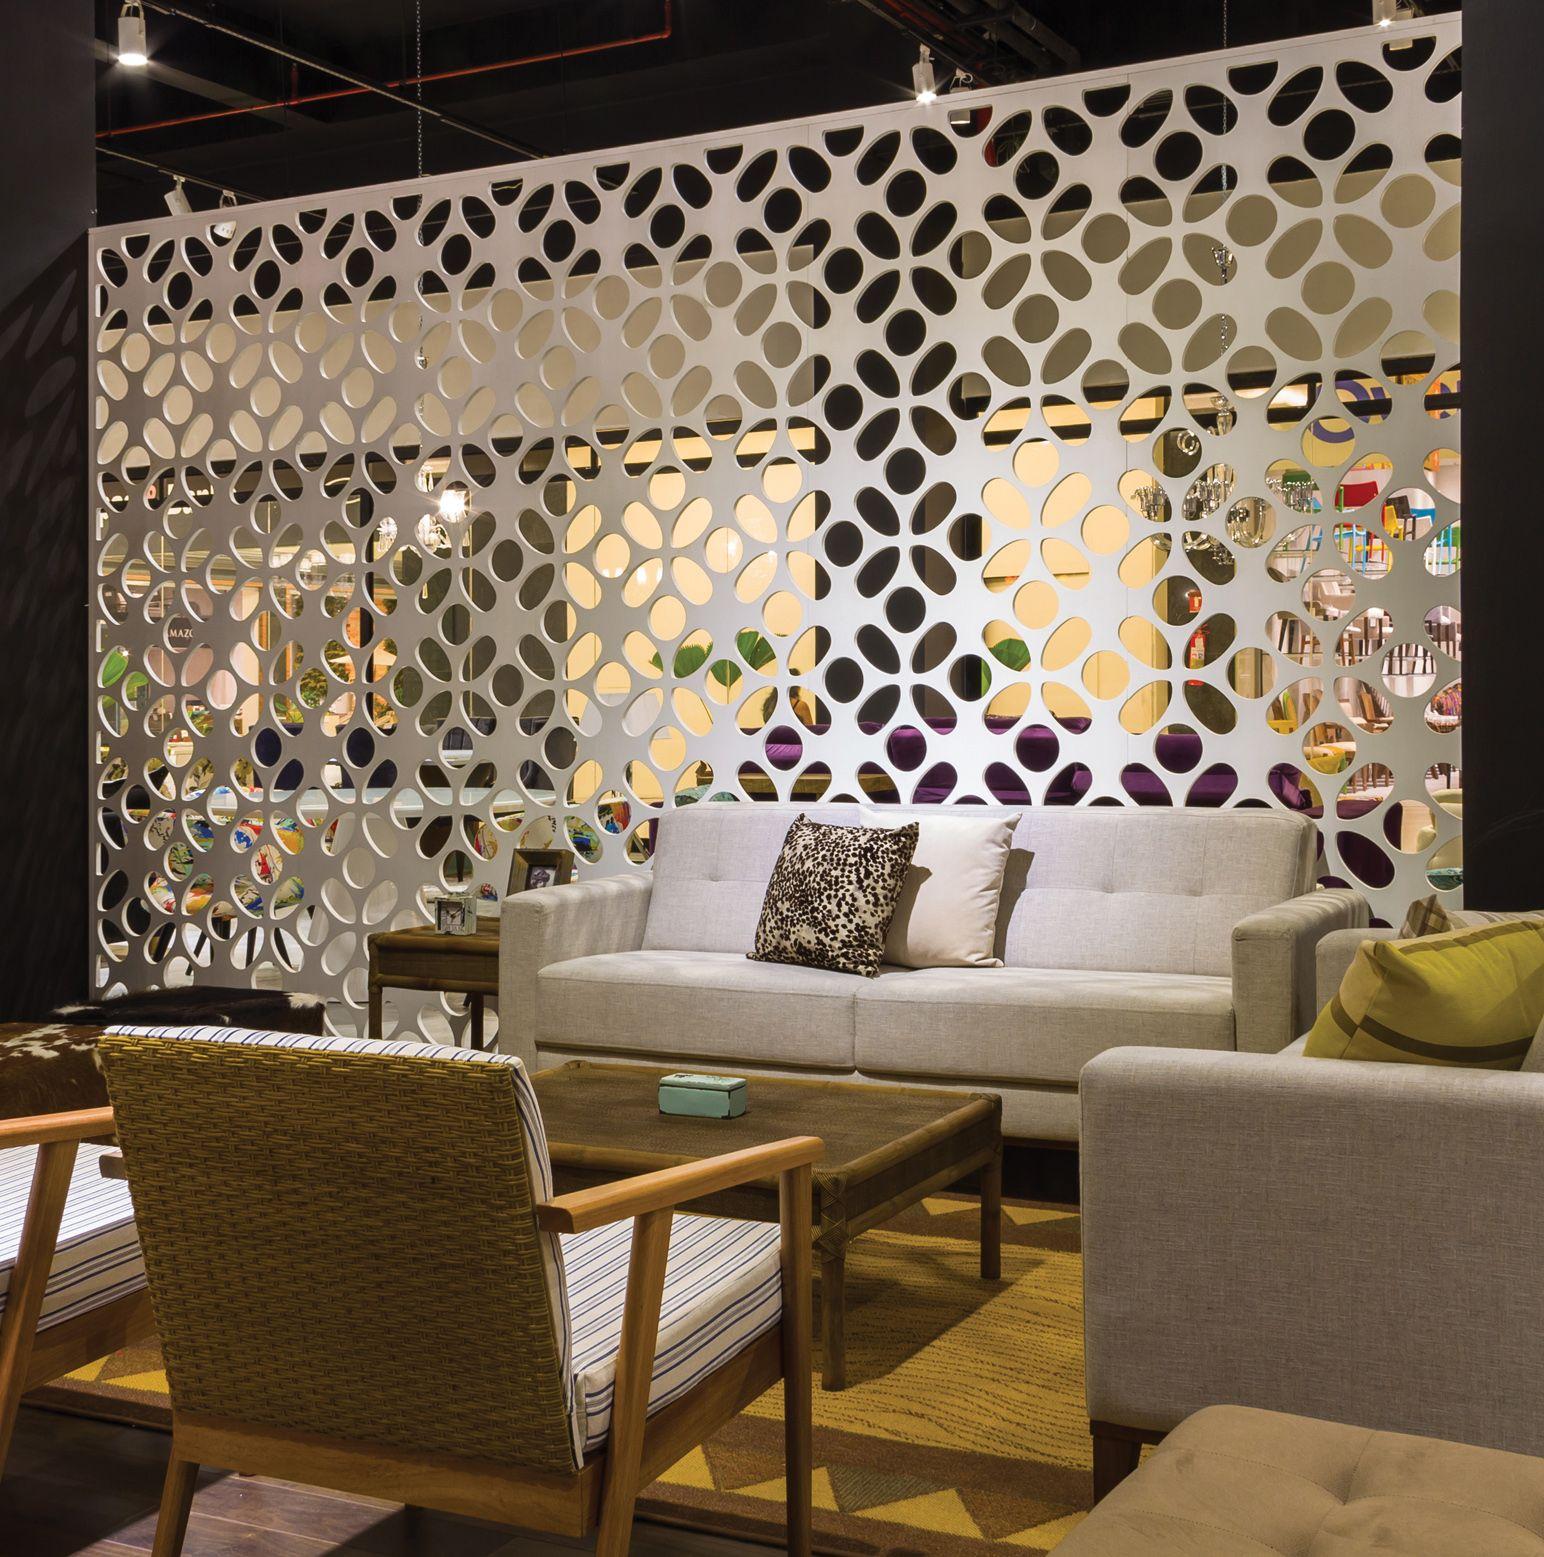 Mentha pain is decorativos produtos for the home in 2019 painel painel decorativo painel tv - Biombos casa home ...